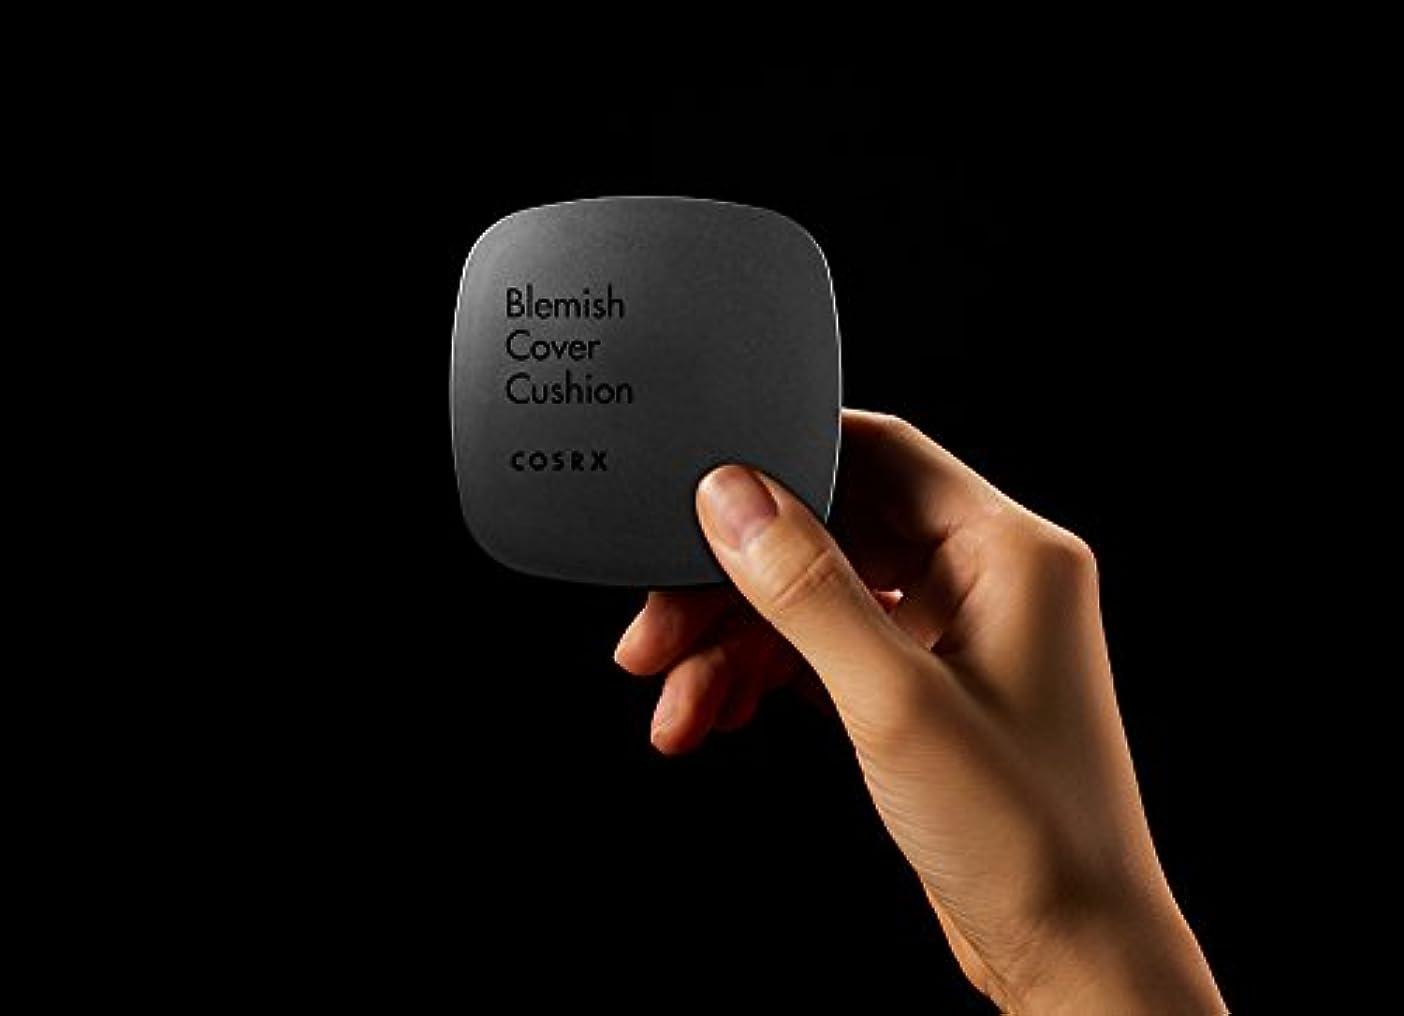 汚い鳴り響く優勢[ RENEWAL!! ] COSRX Clear Cover Blemish Cushion 15g/COSRX クリアカバー ブレミッシュ クッション 15g (#21 bright) [並行輸入品]